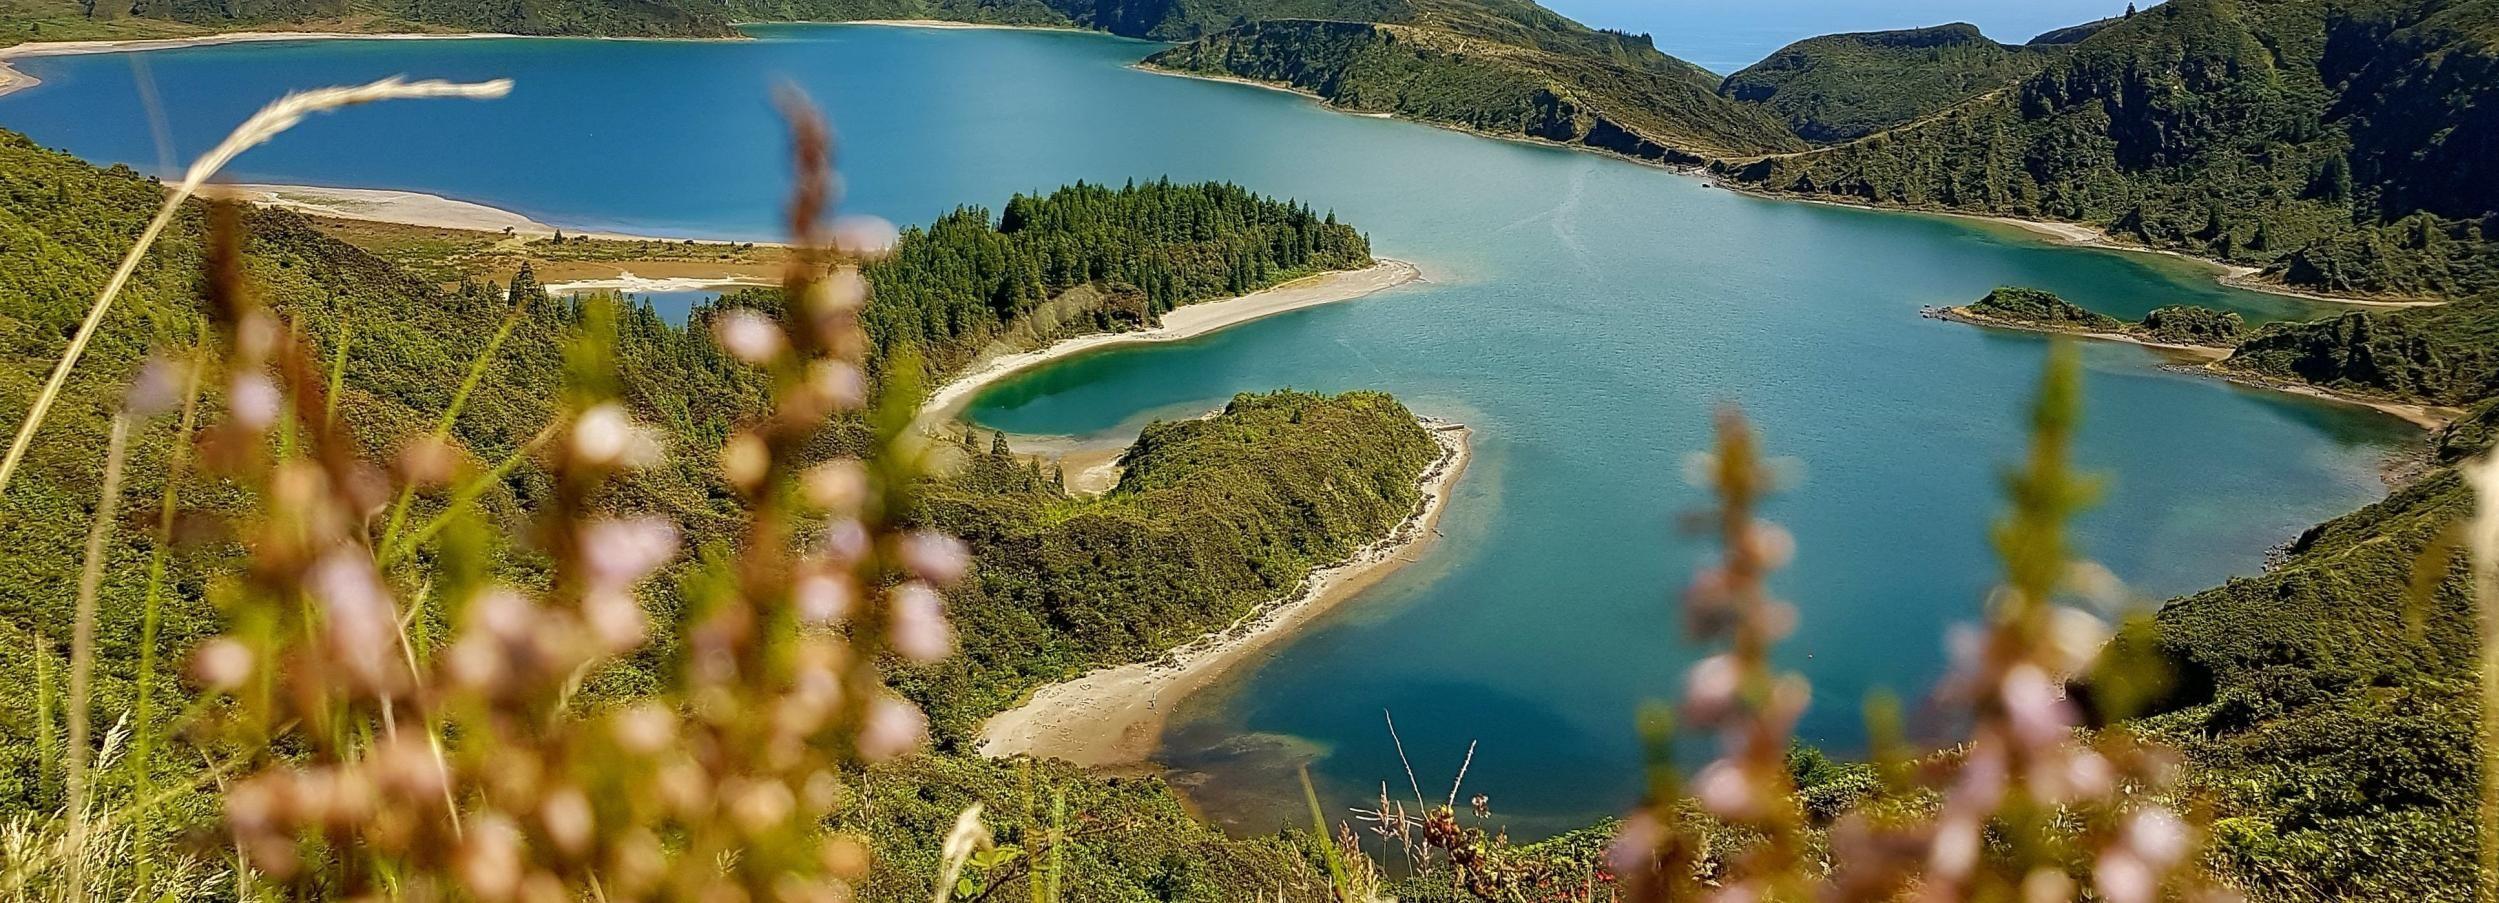 Ponta Delgada: Sete Cidades e Lagoa do Fogo